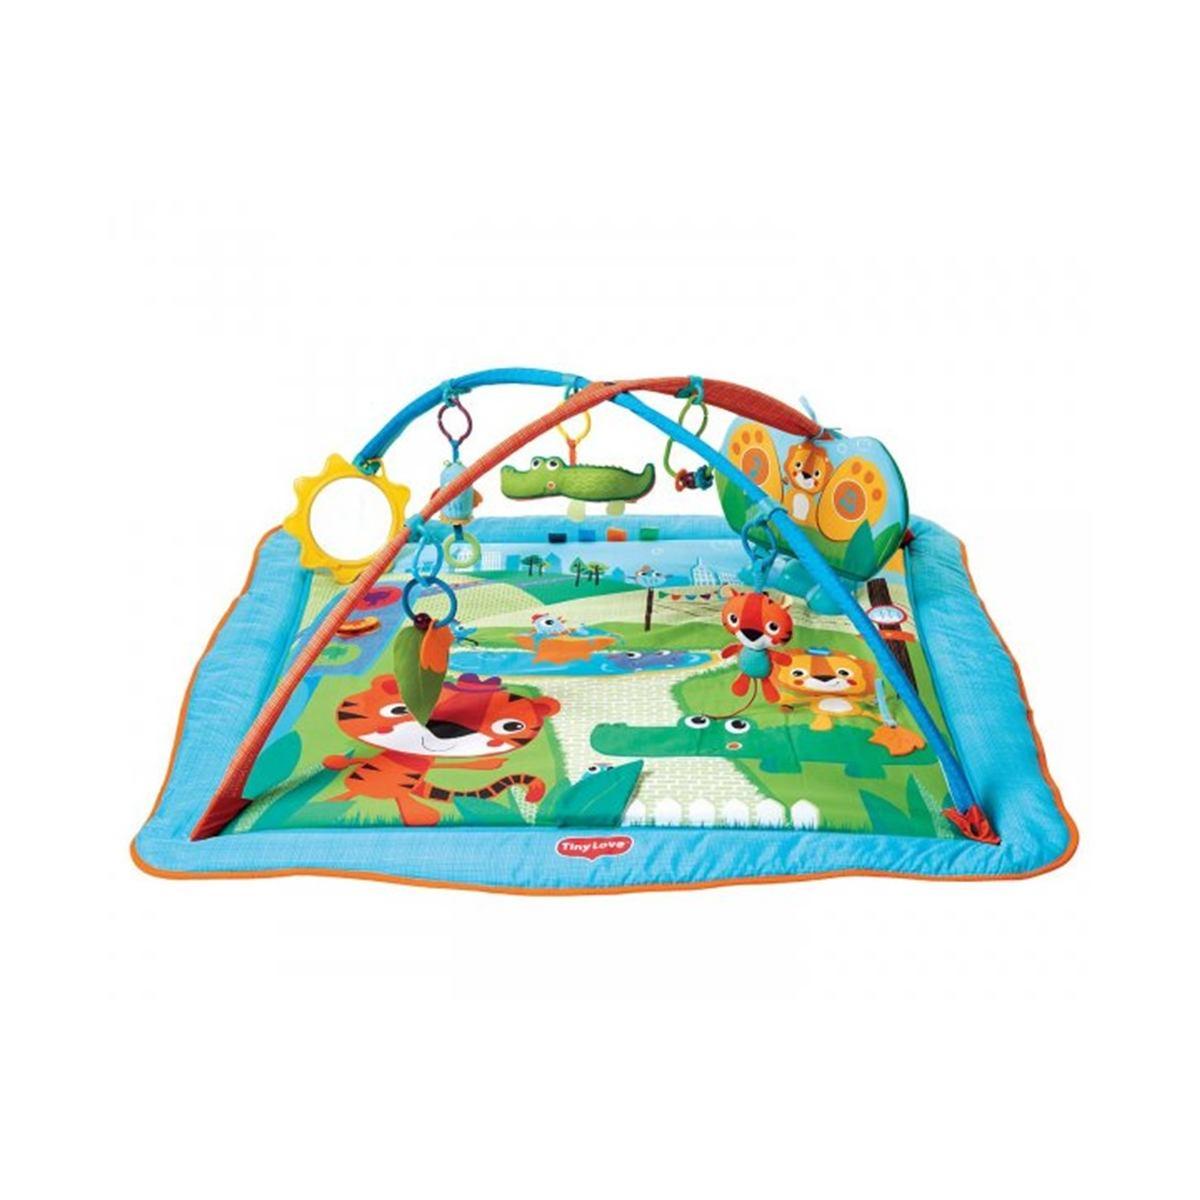 Развивающий коврик Tiny Love Сафари, с музыкальной панельюДетские развивающие коврики для новорожденных<br>Развивающий коврик Tiny Love Сафари, с музыкальной панелью<br>